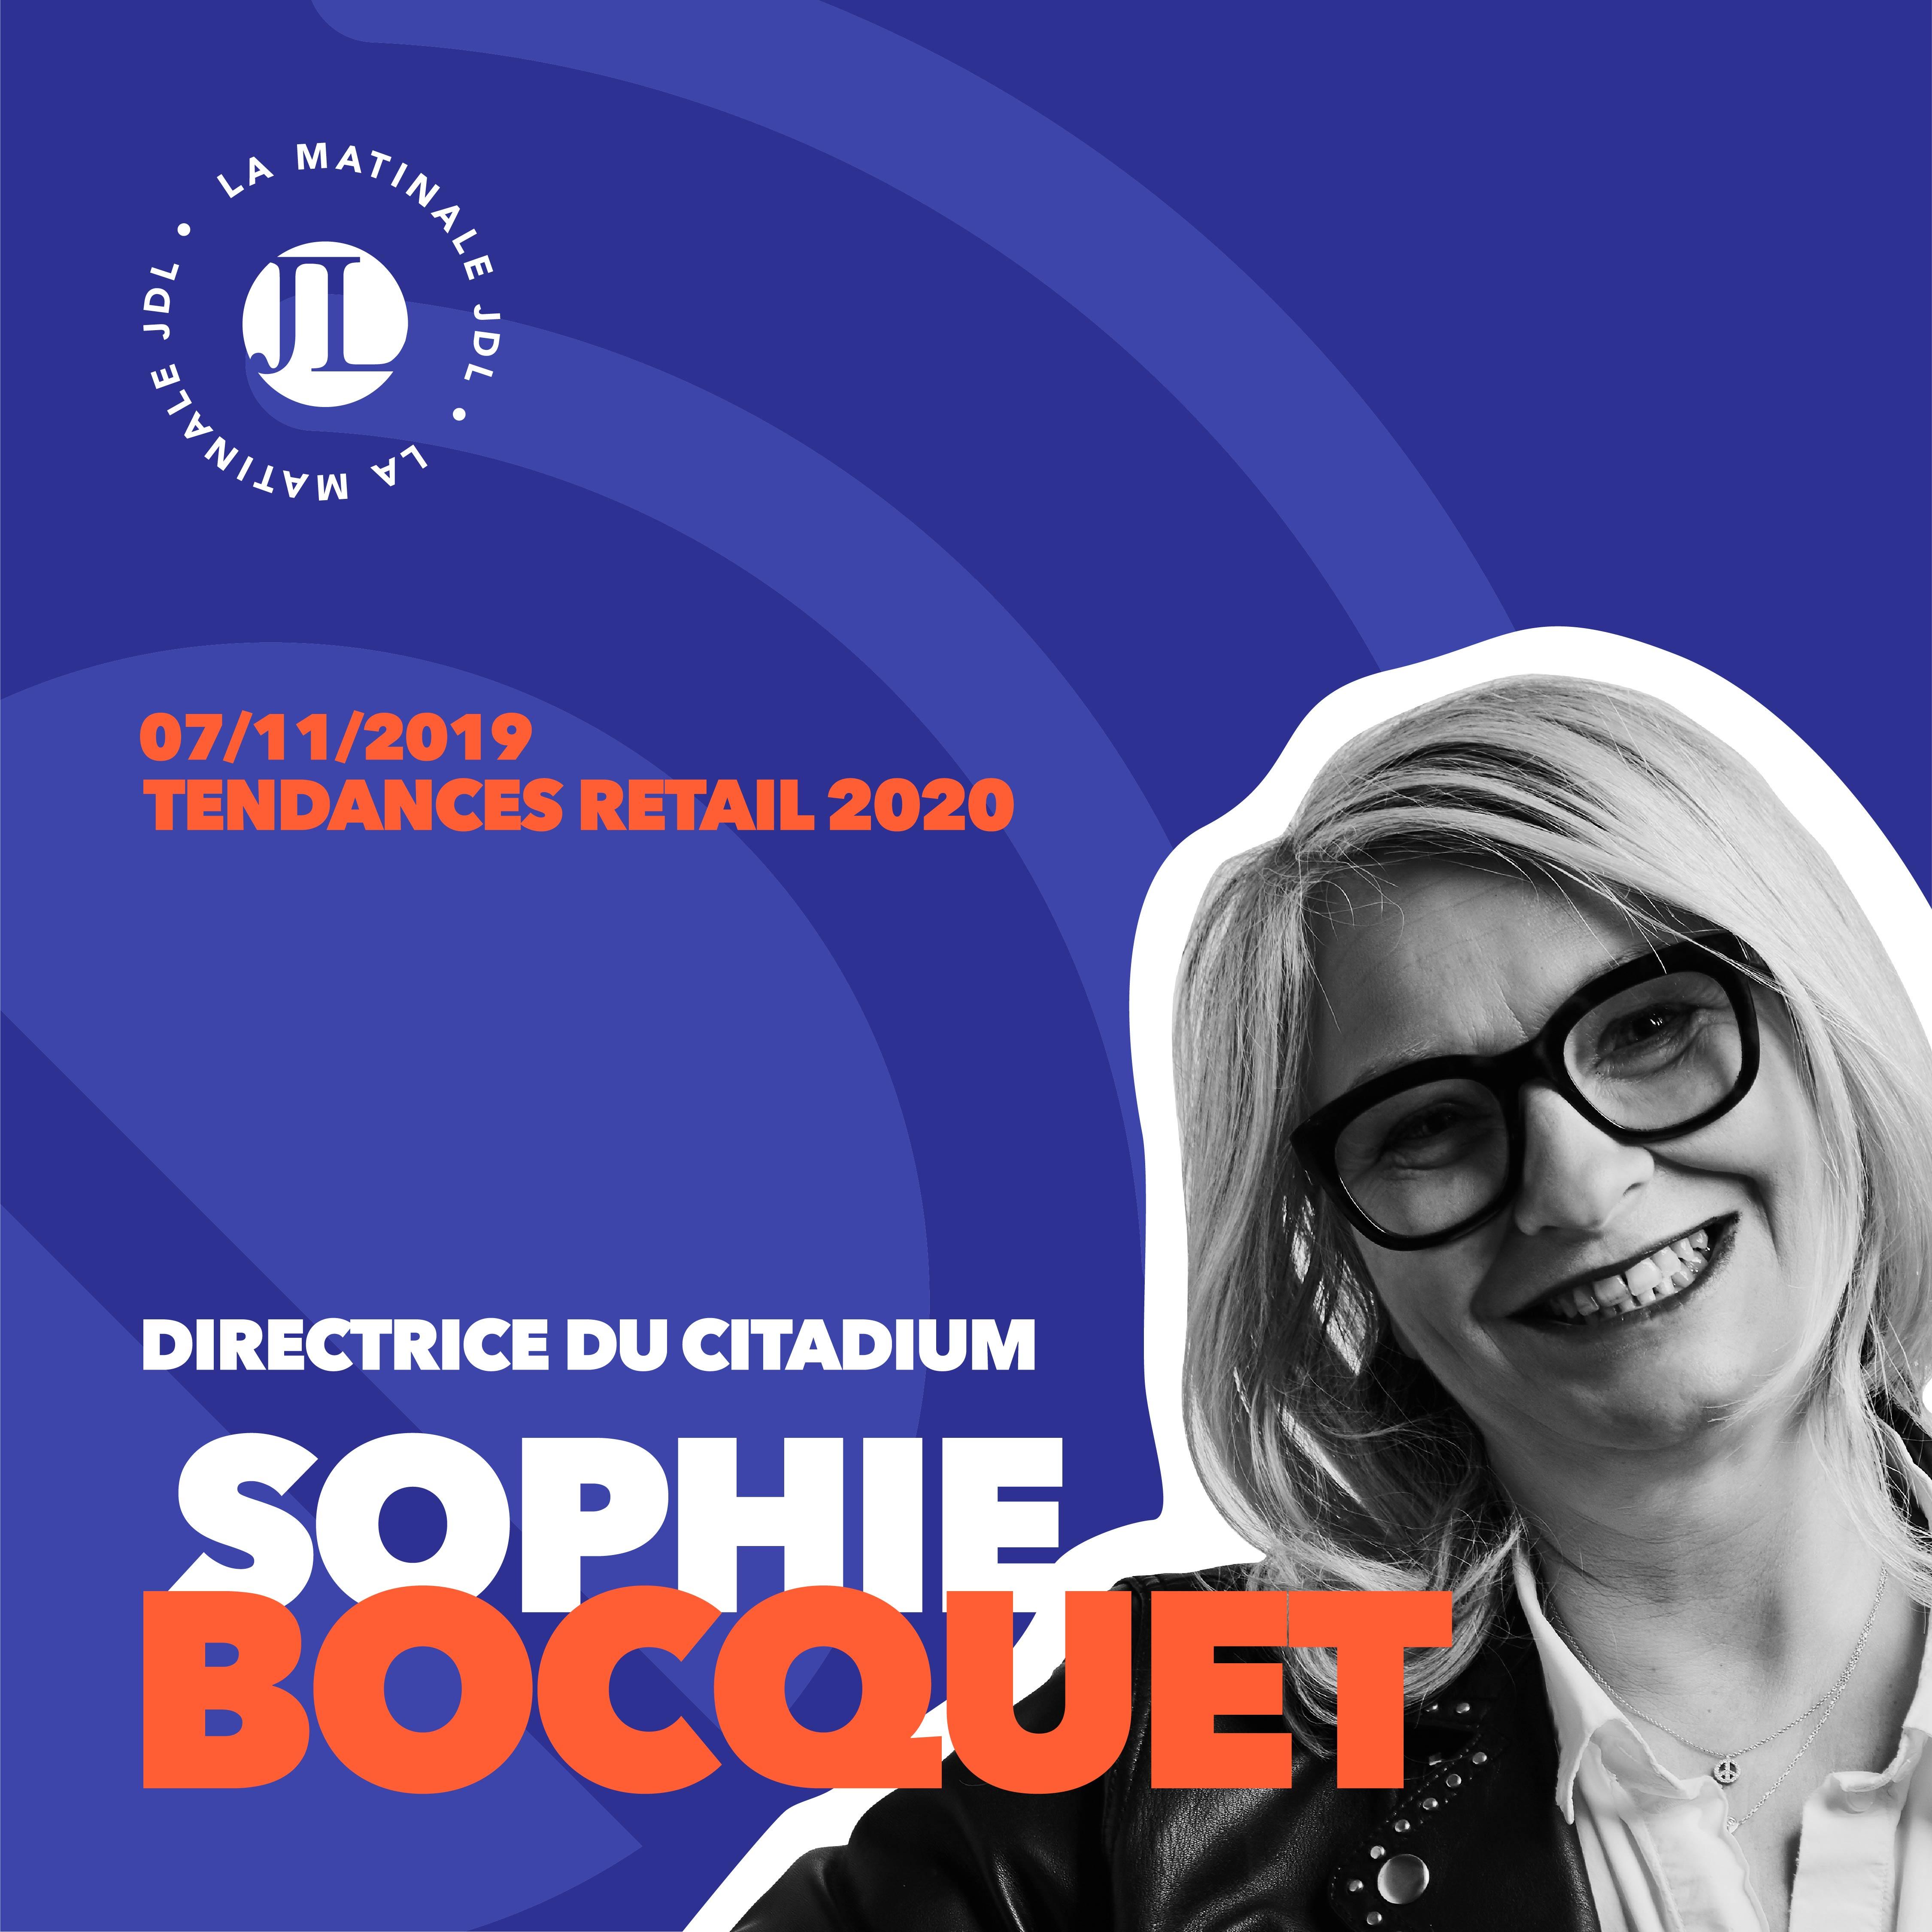 Sophie Bocquet directrice citadium